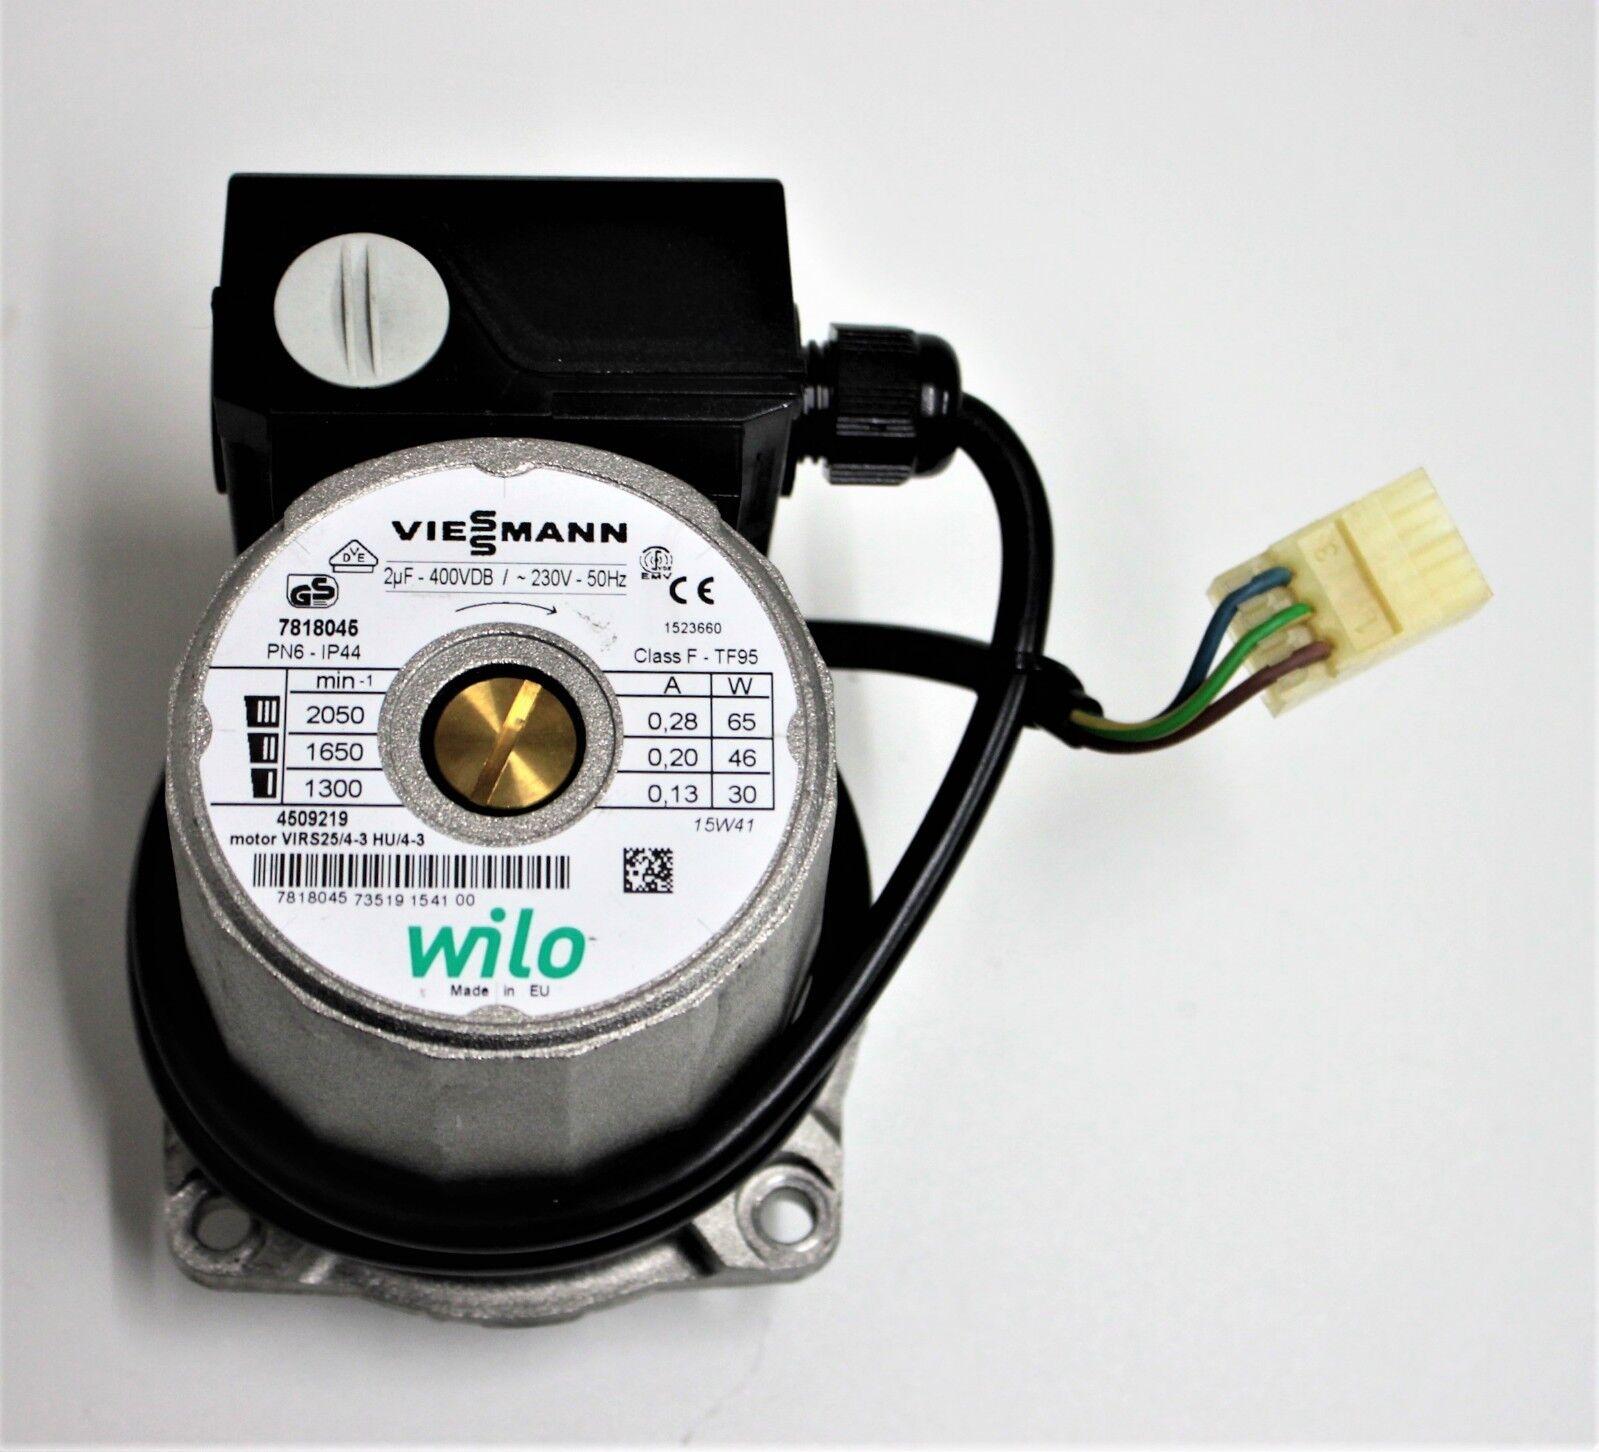 Viessmann 7818045 Umwälzpumpe VIRS25/4-3 HU/4-3 HU/4-3 HU/4-3 Wilo 4509219 a5c8ee